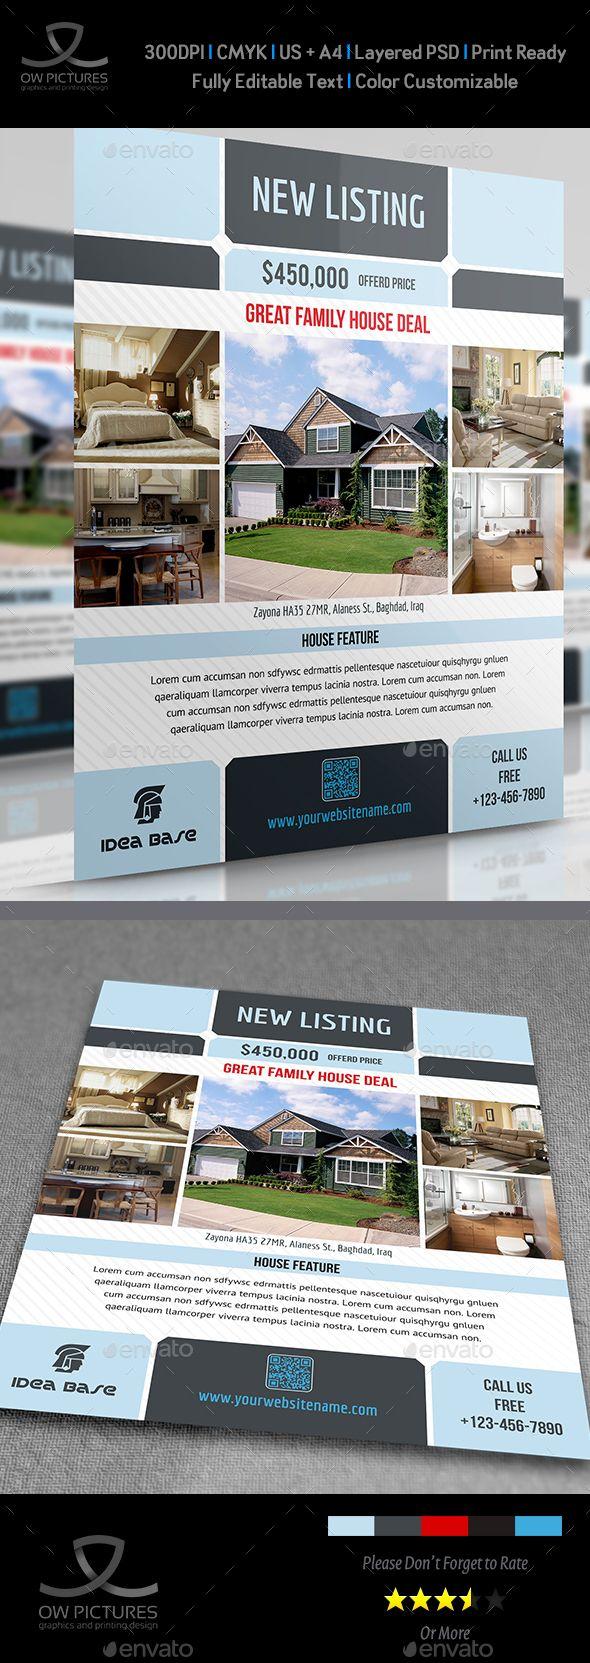 Real Estate Flyer Vol3 11 best Real